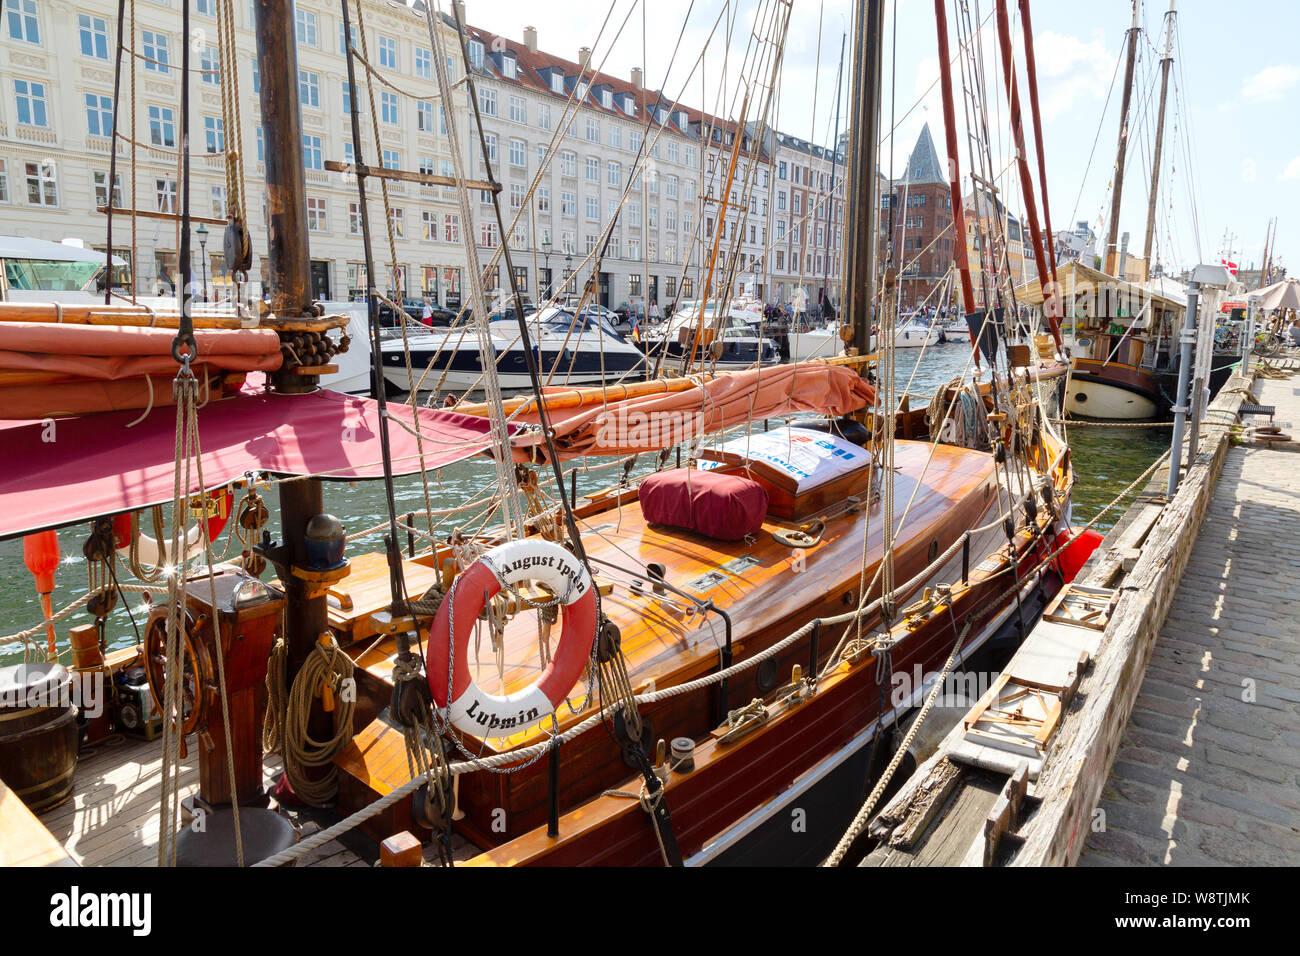 Copenhague Nyhavn - barcos amarrados en el puerto del canal de Nyhavn, Copenhague, Dinamarca Europa Foto de stock